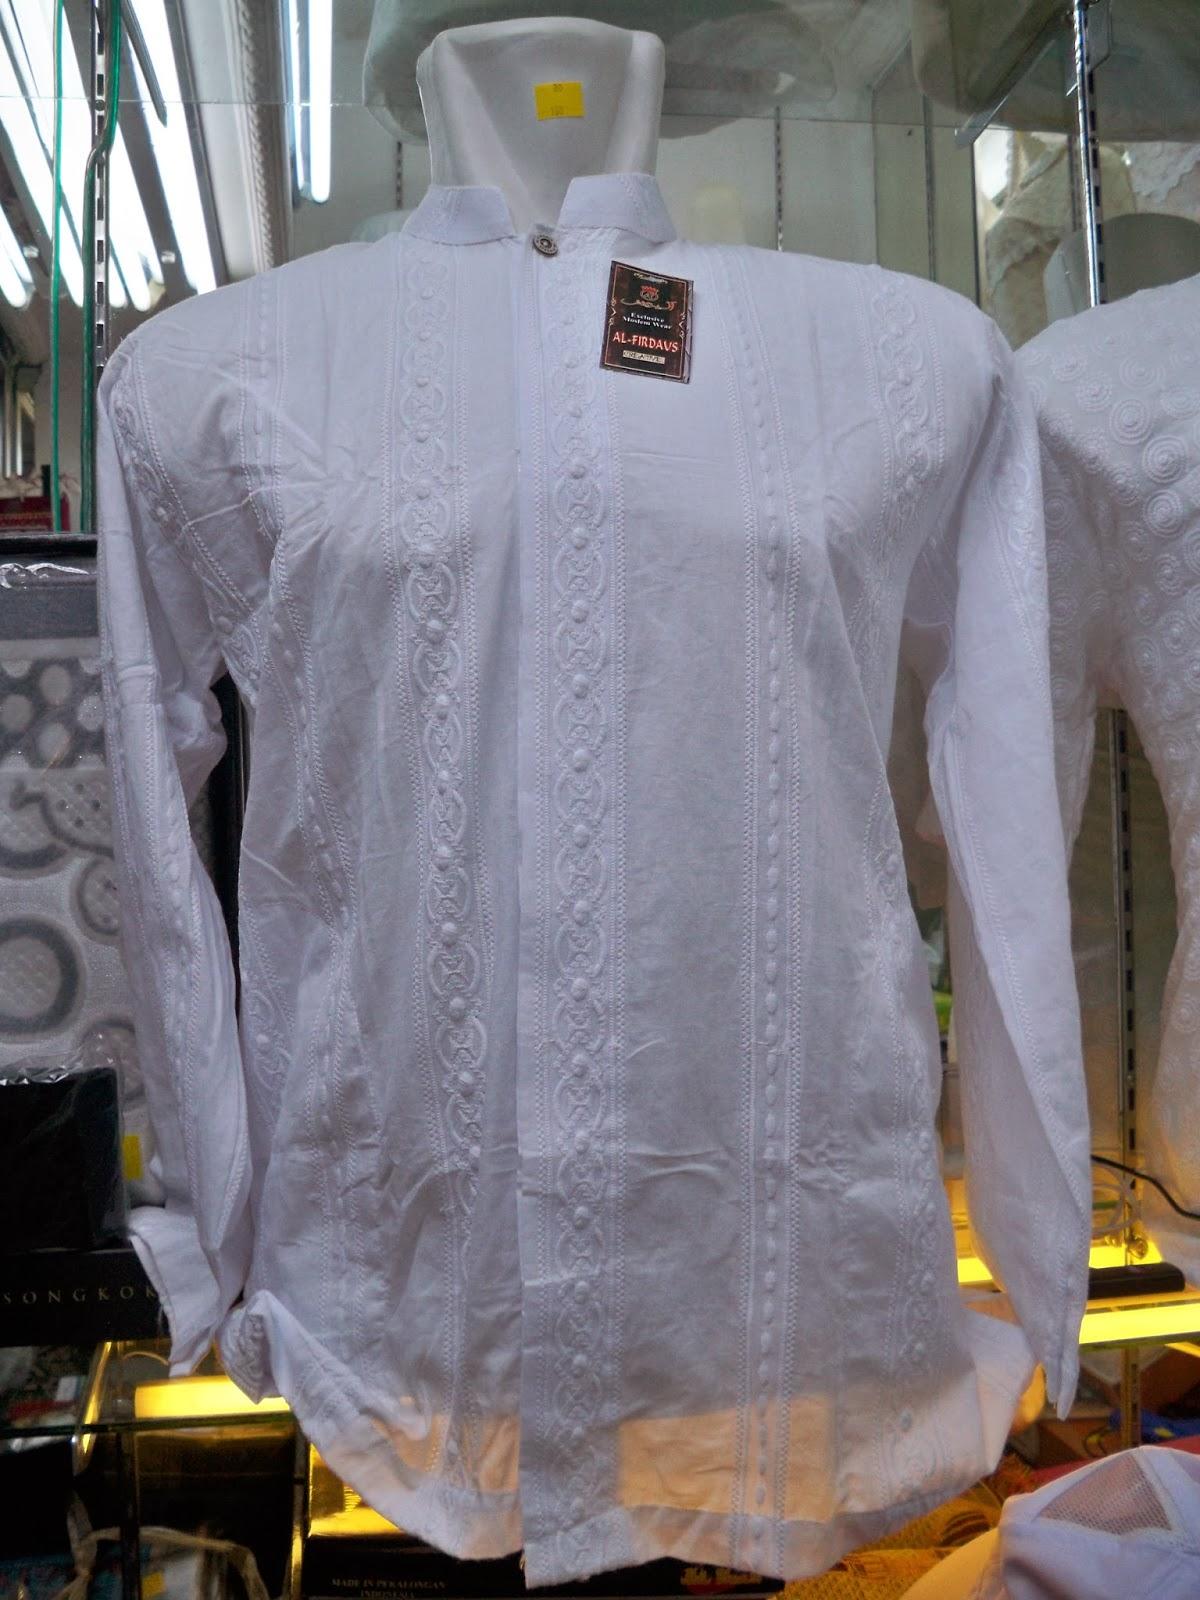 Perlengkapan Umroh Dan Haji Termurah Baju Koko Kaos Umrah Pria Lengan Pendek Exclusive Nama Barang Panjang